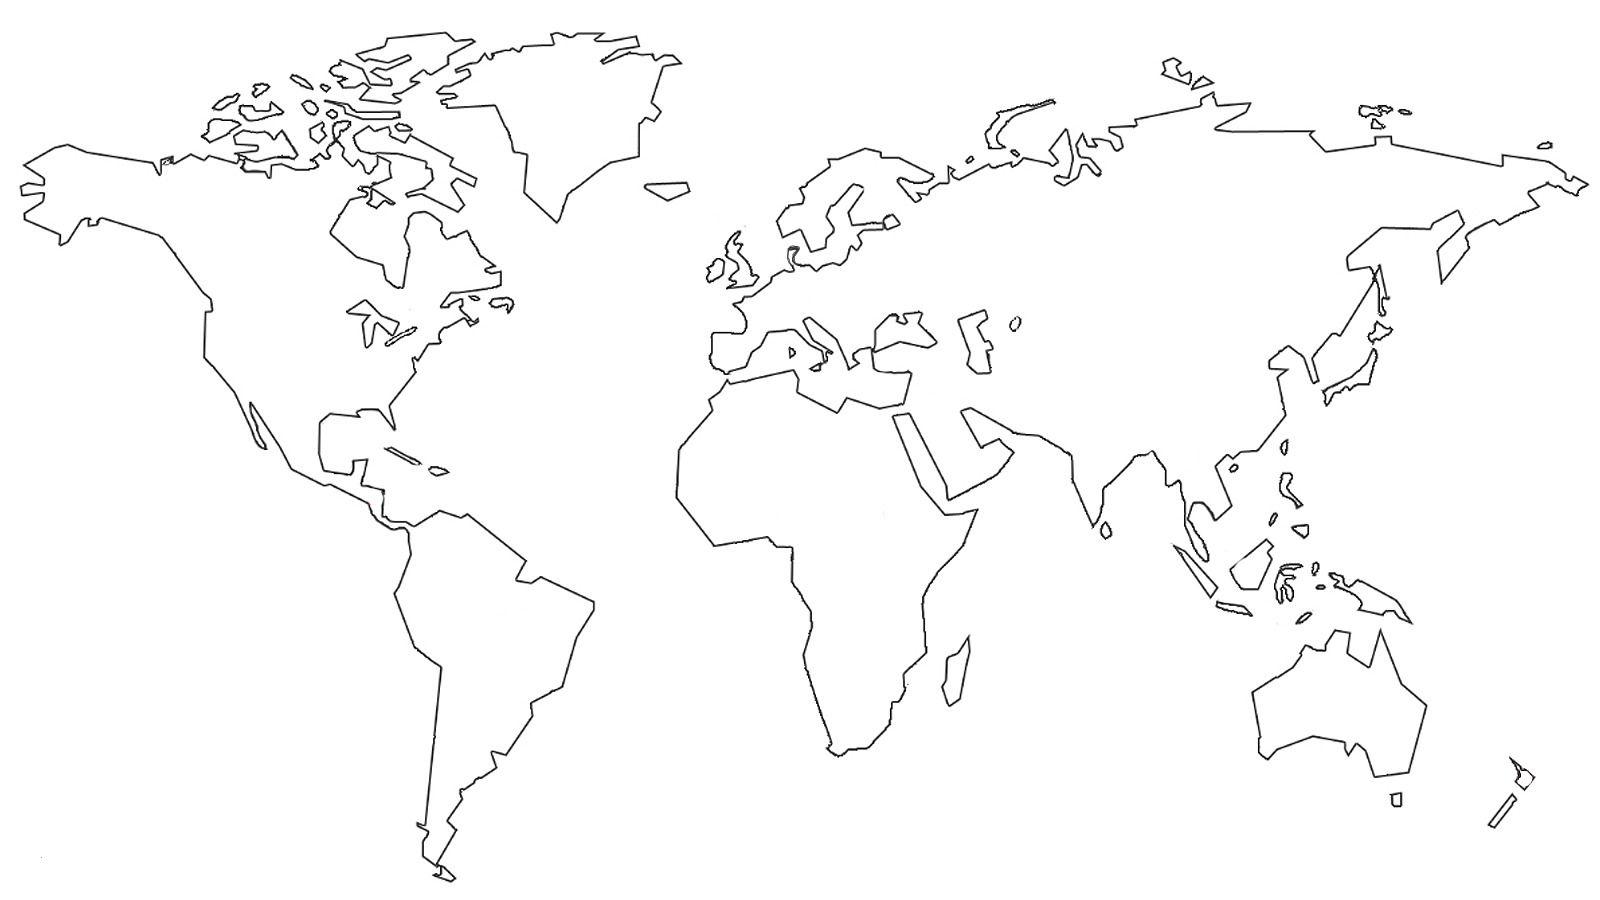 Ausmalbilder Weltkarte Best Of Weltkarte Schwarz Weiß über Weltkarte Umrisse